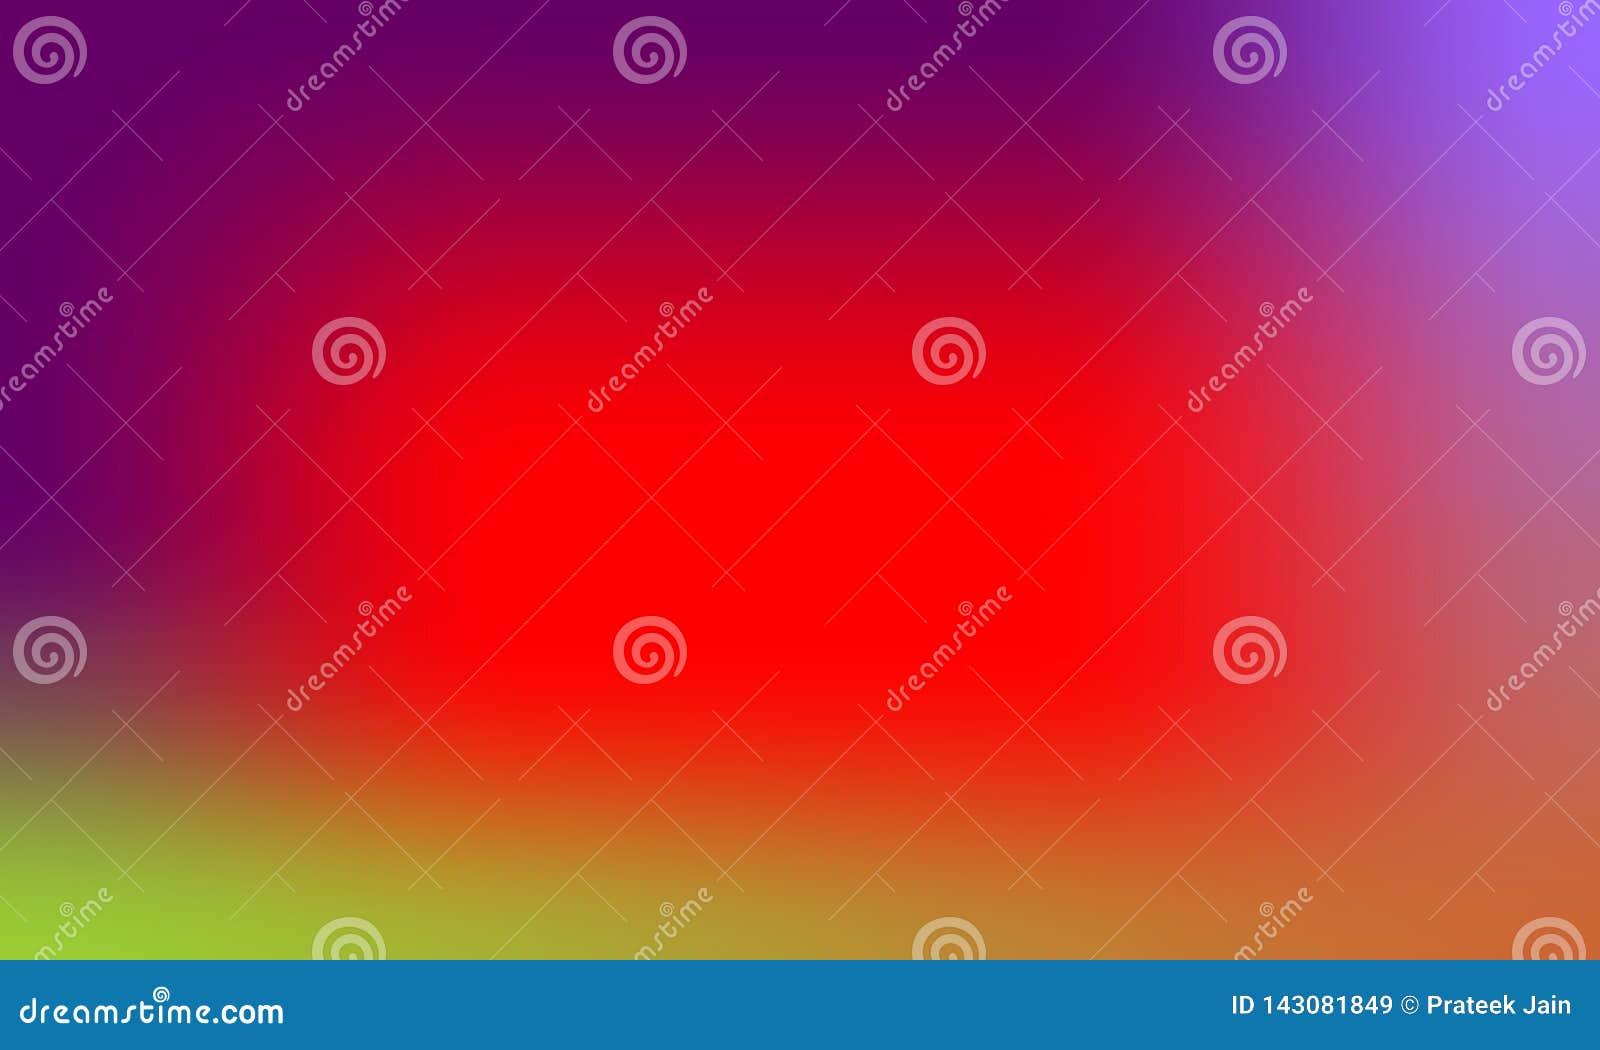 Dise?o colorido del vector del fondo de la textura de la falta de definici?n, fondo sombreado borroso colorido, ejemplo vivo del